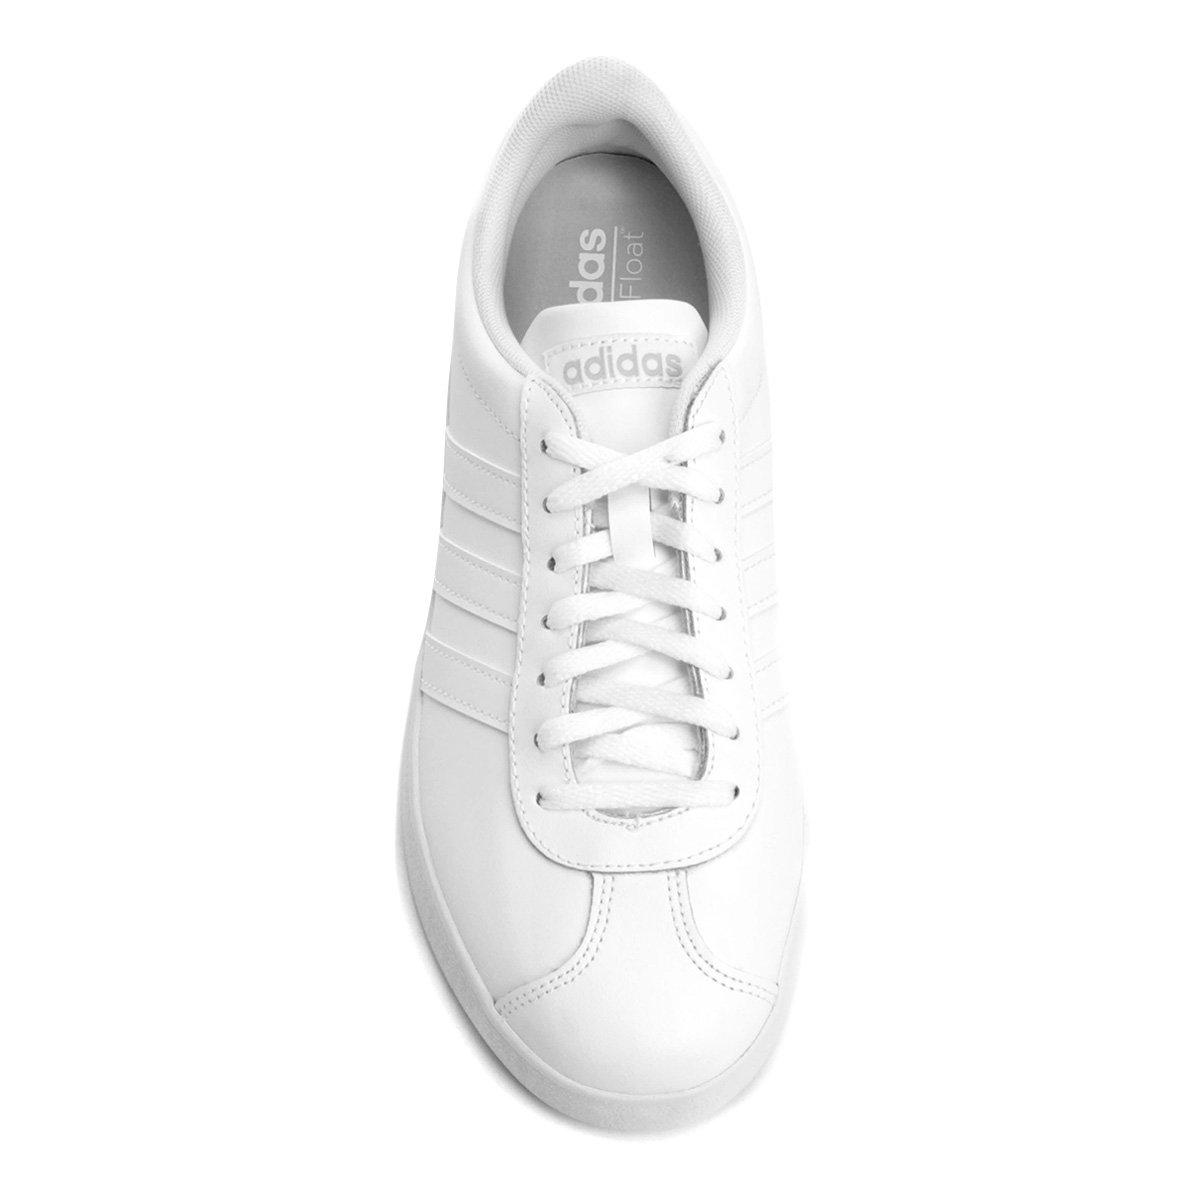 Tênis Adidas Vl Court 2 W Feminino - Branco - Compre Agora  877bbe4f8af50